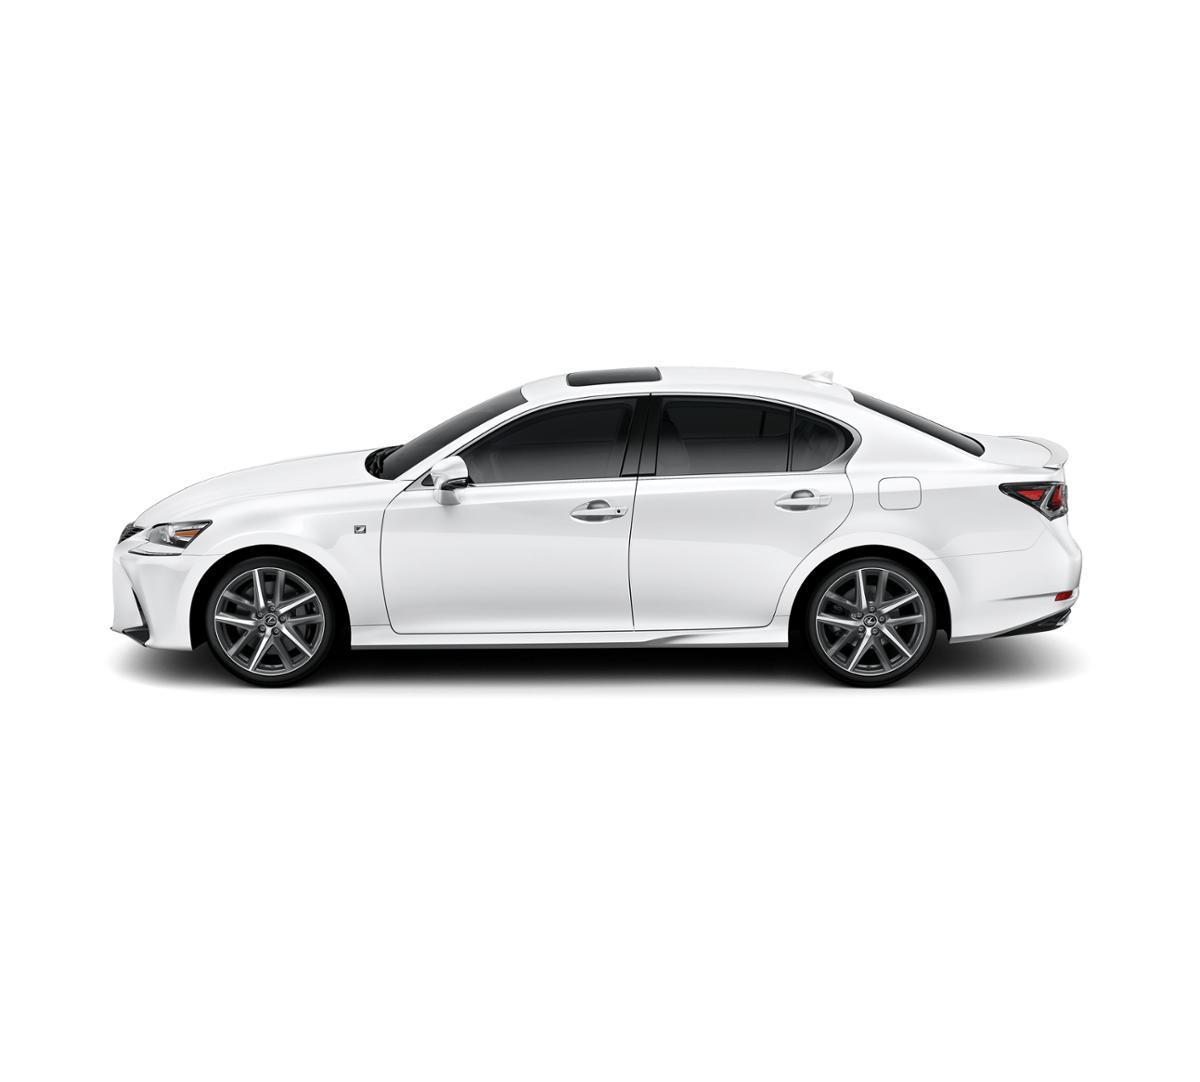 Lexus Gs For Sale: 2019 Lexus GS 350 For Sale In San Antonio